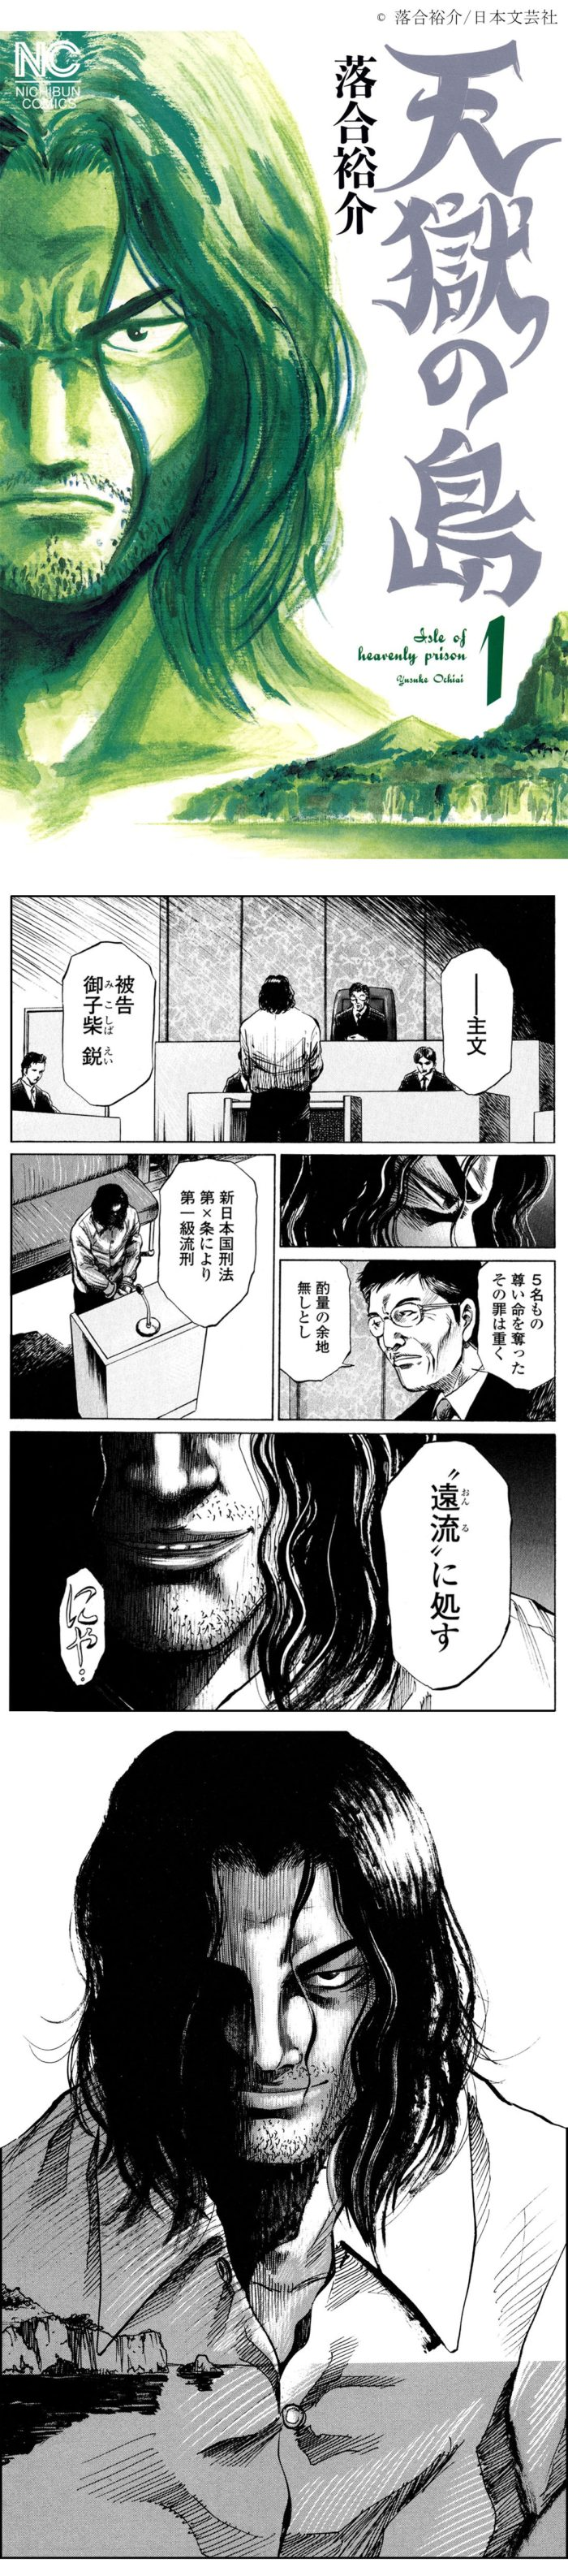 tengoku-01-01